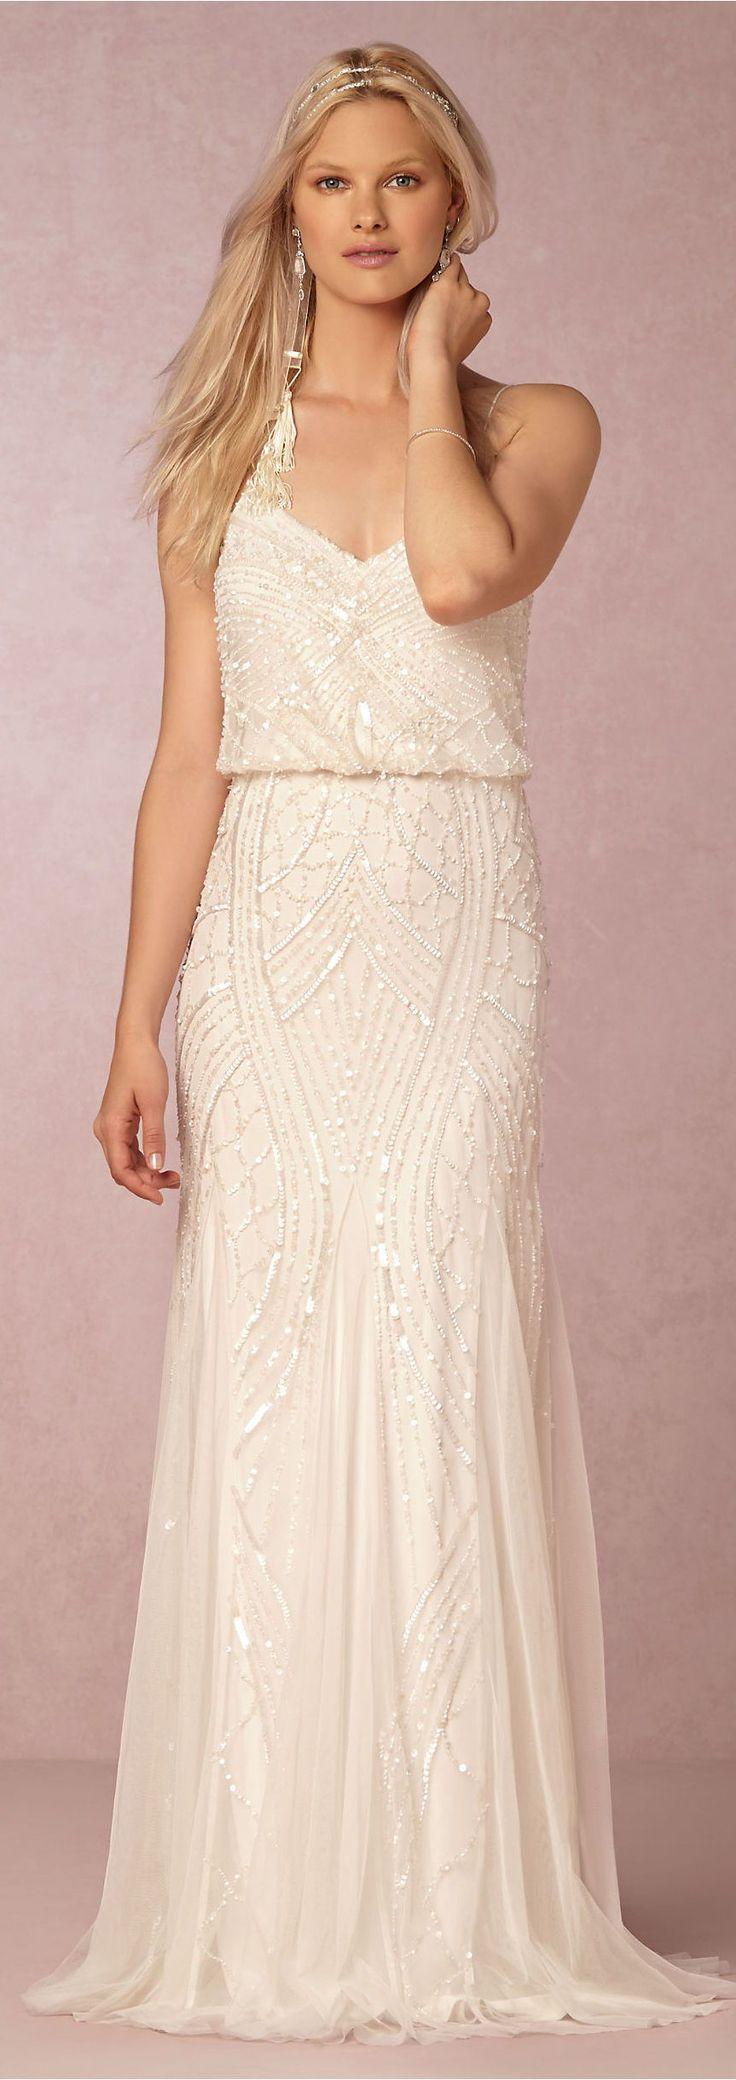 Wedding dress consignment shops near me   best Wedding Dress images on Pinterest  Wedding frocks